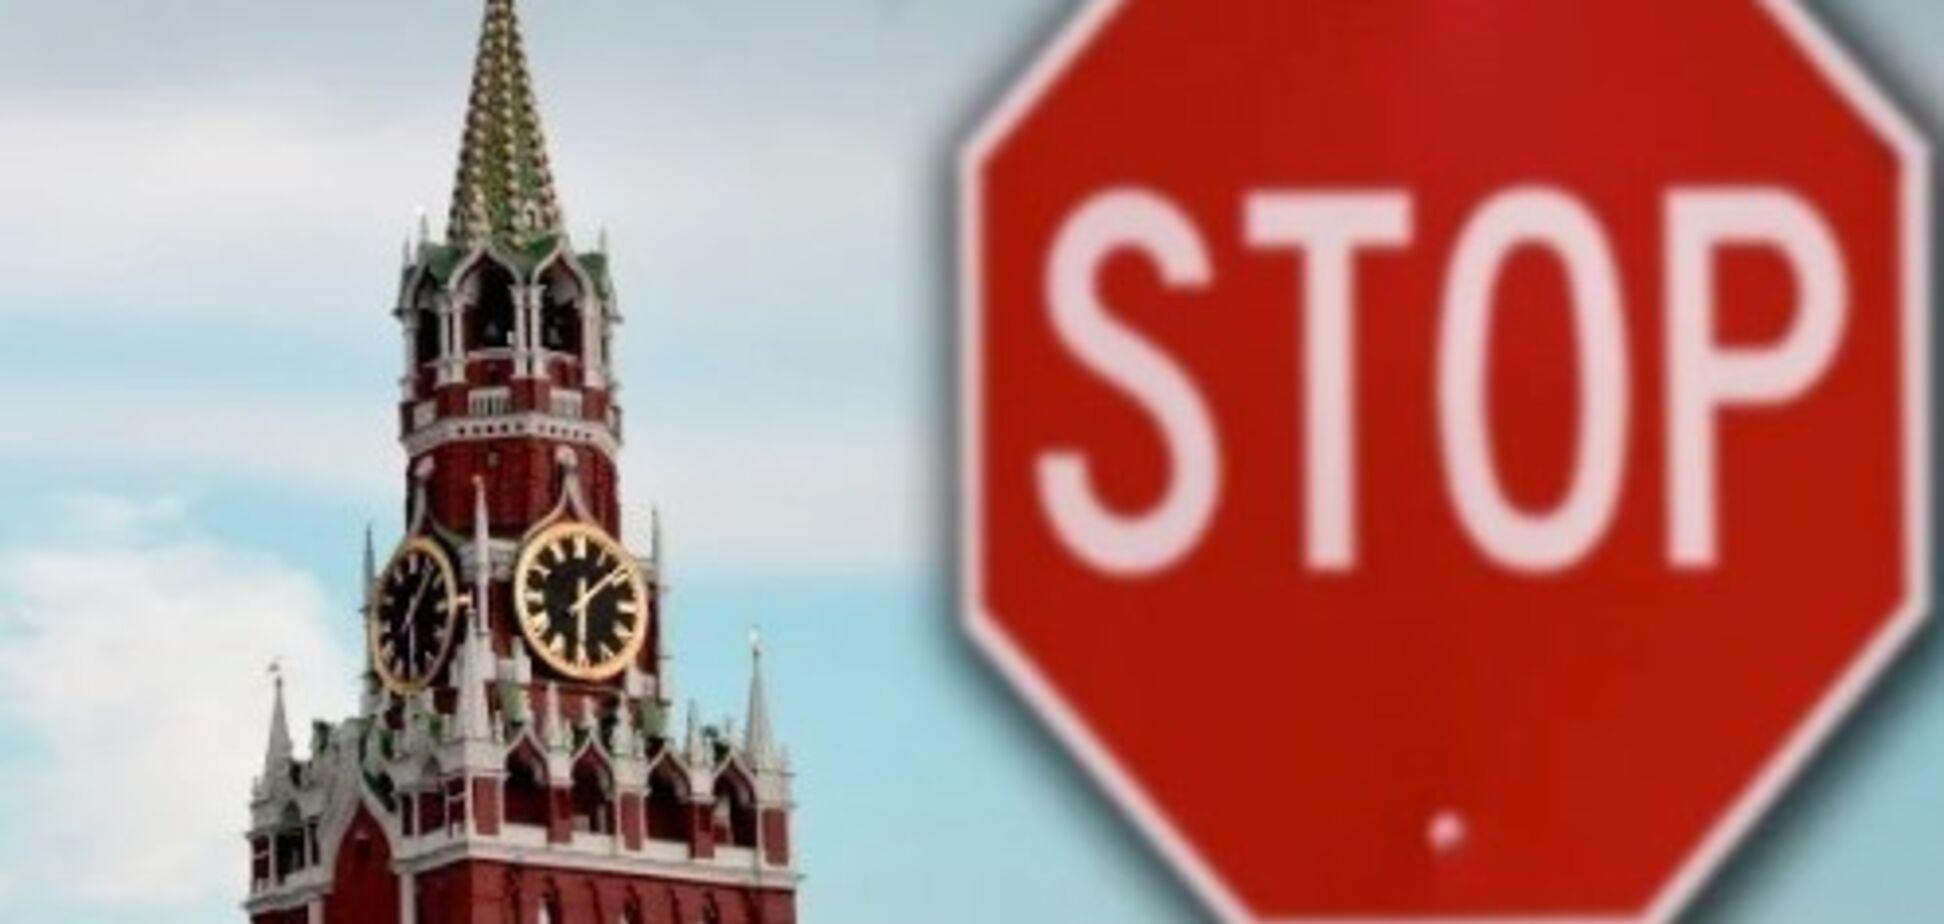 'Терпець урвався': анонсовано серйозний удар Заходу по Росії